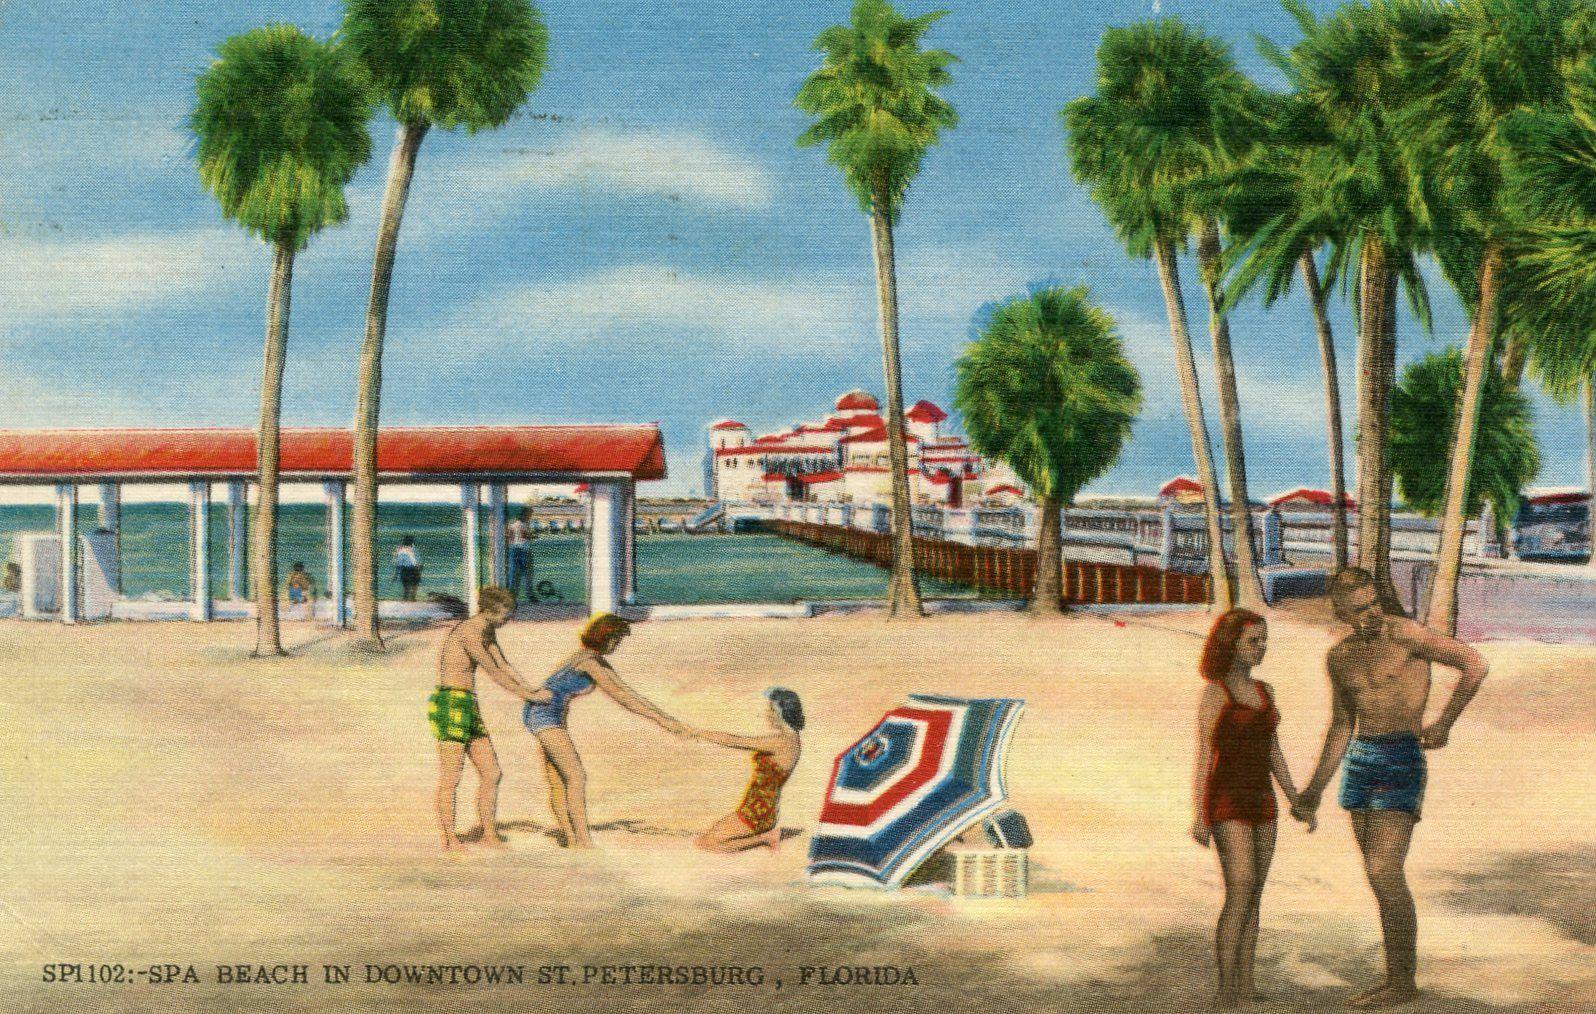 Postcard Eddie Rare Unique Postcards At Affordable Prices Unique Postcards Travel Postcard Art Destinations